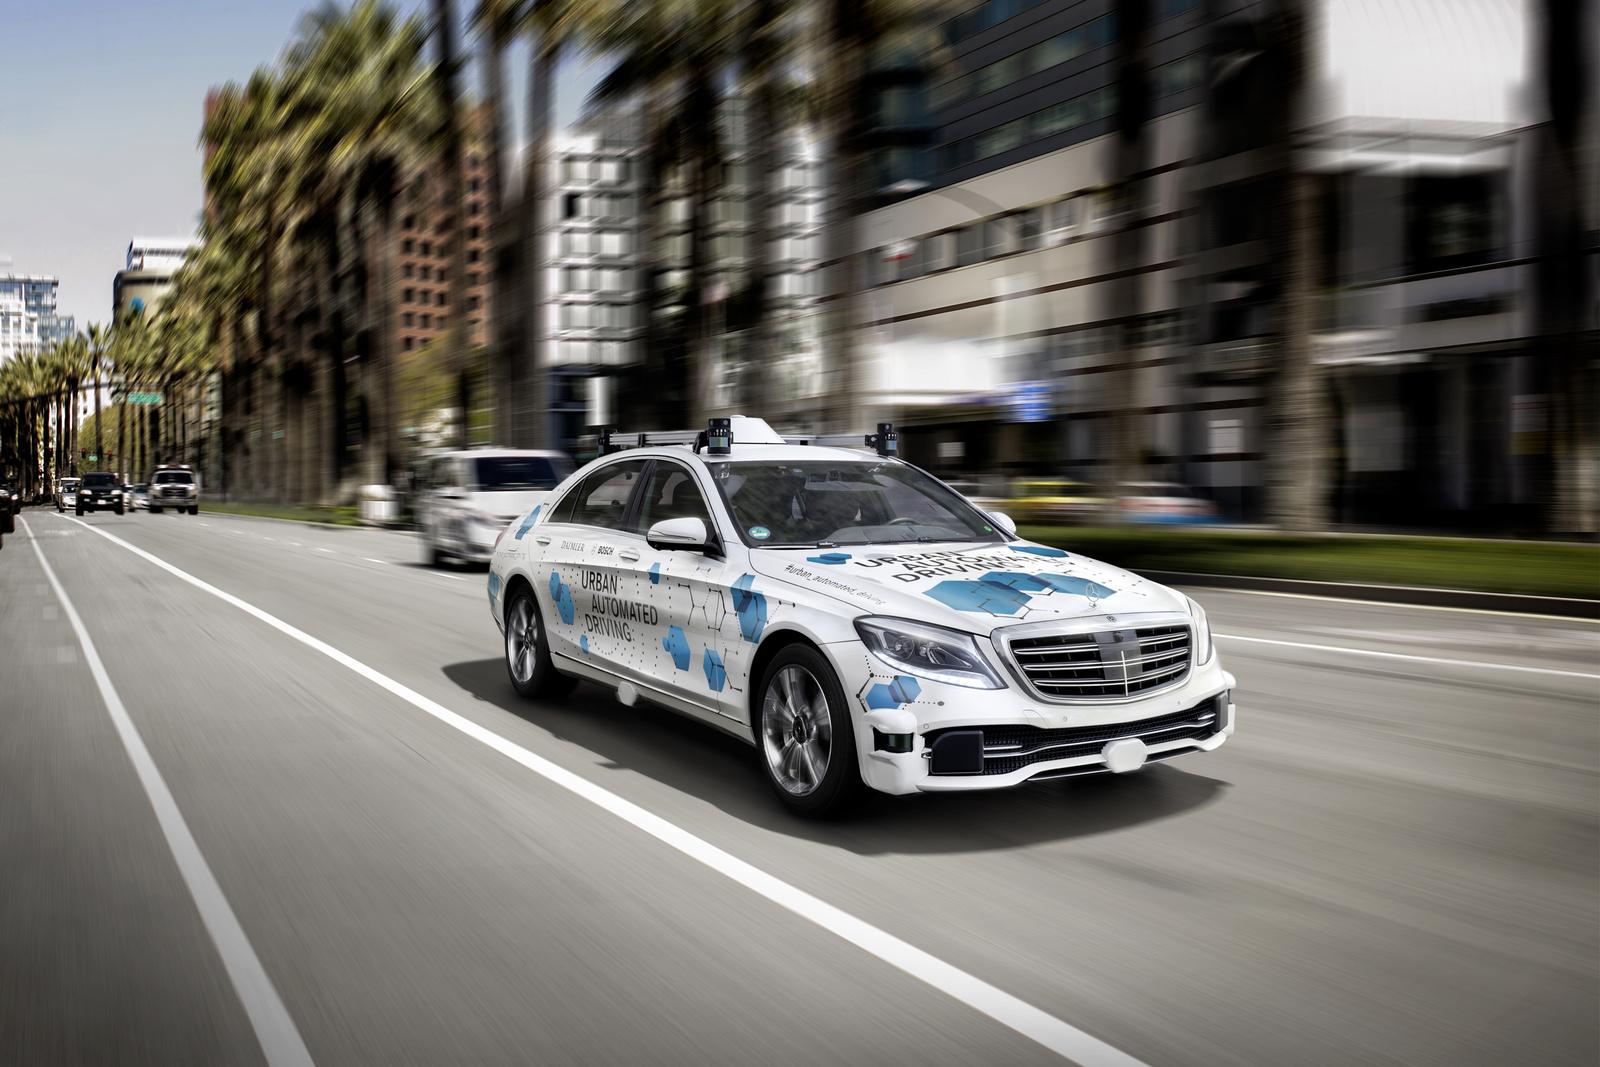 Trvalo udržateľná mobilita: Bosch a Daimler ponúkajú automatizované riadenie vozidiel